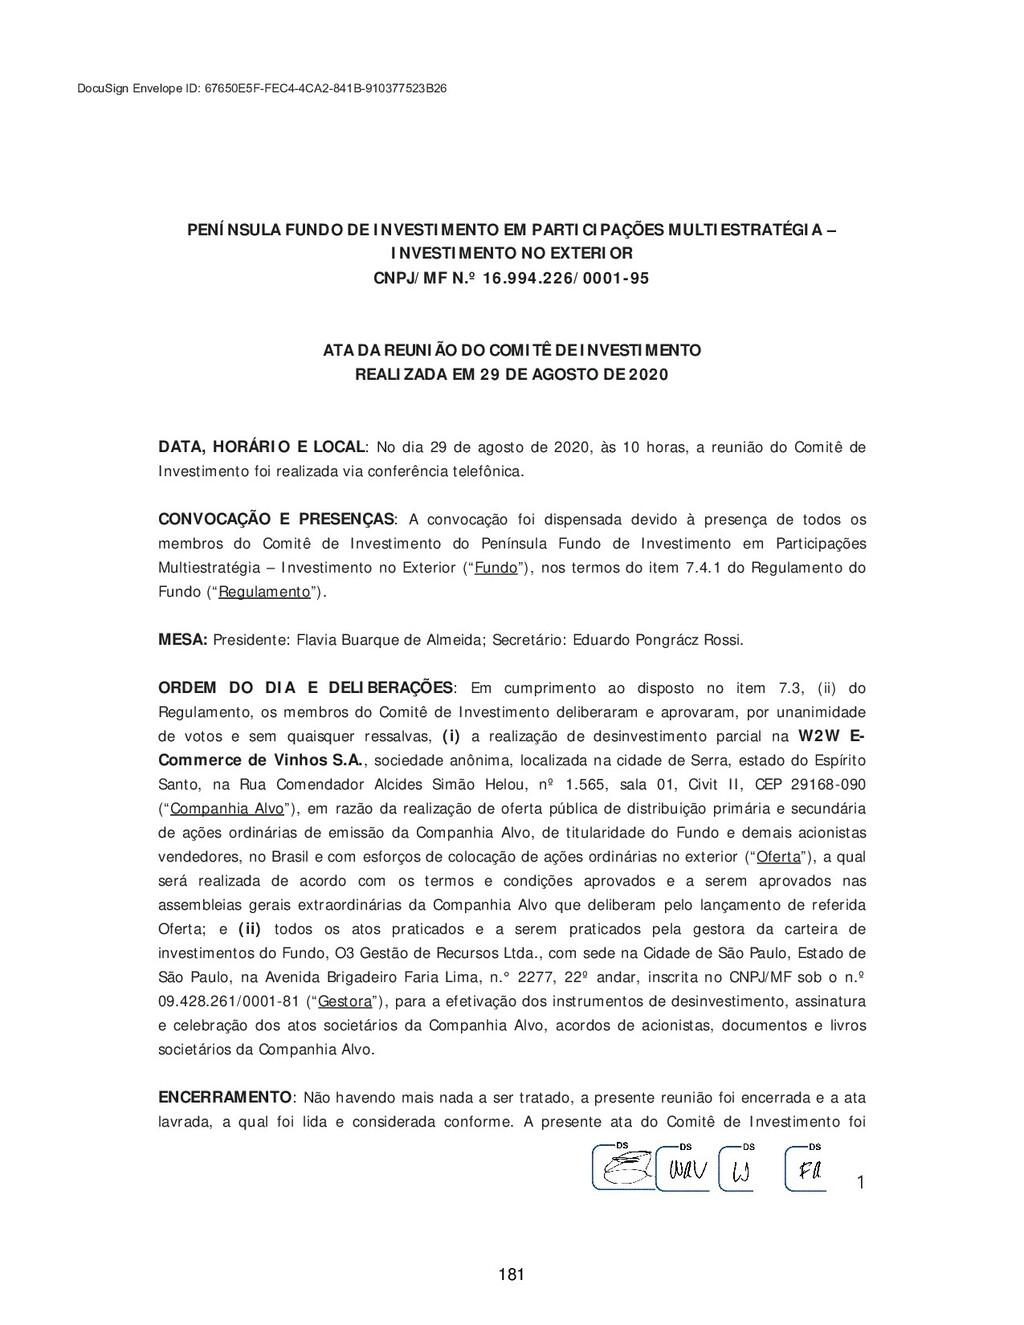 PENÍNSULA FUNDO DE INVESTIMENTO EM PARTICI...